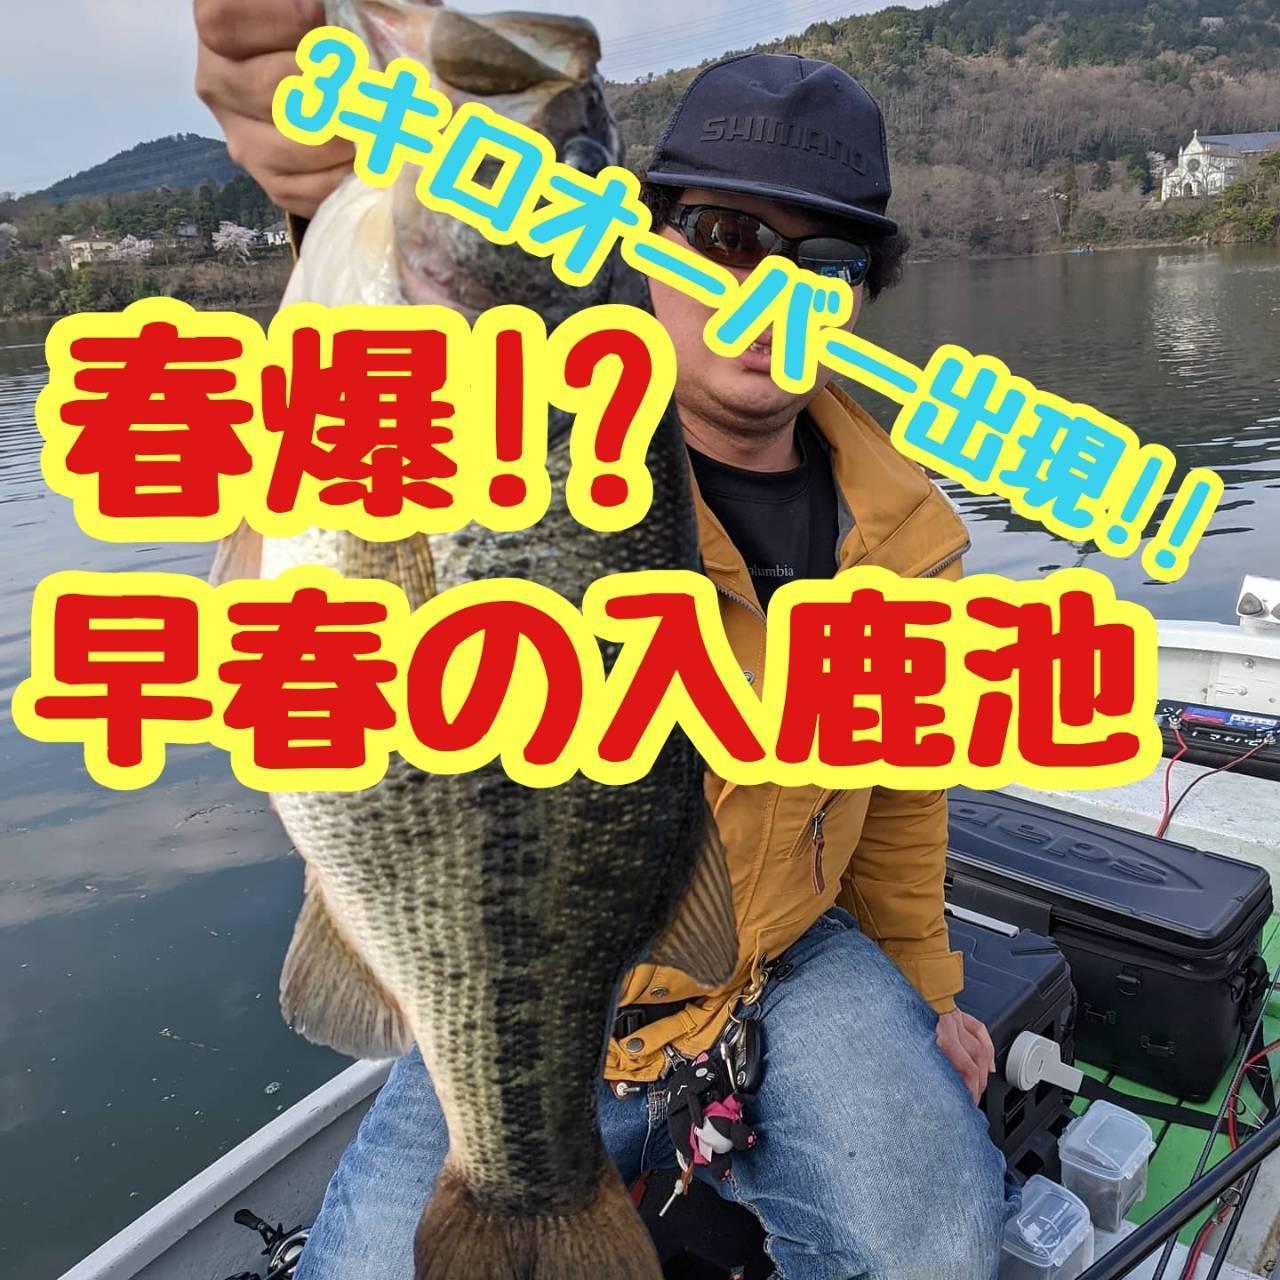 【イシグロ半田店】【入鹿池】春爆!!入鹿池産3キロオーバーのビッグモンスター出現!!